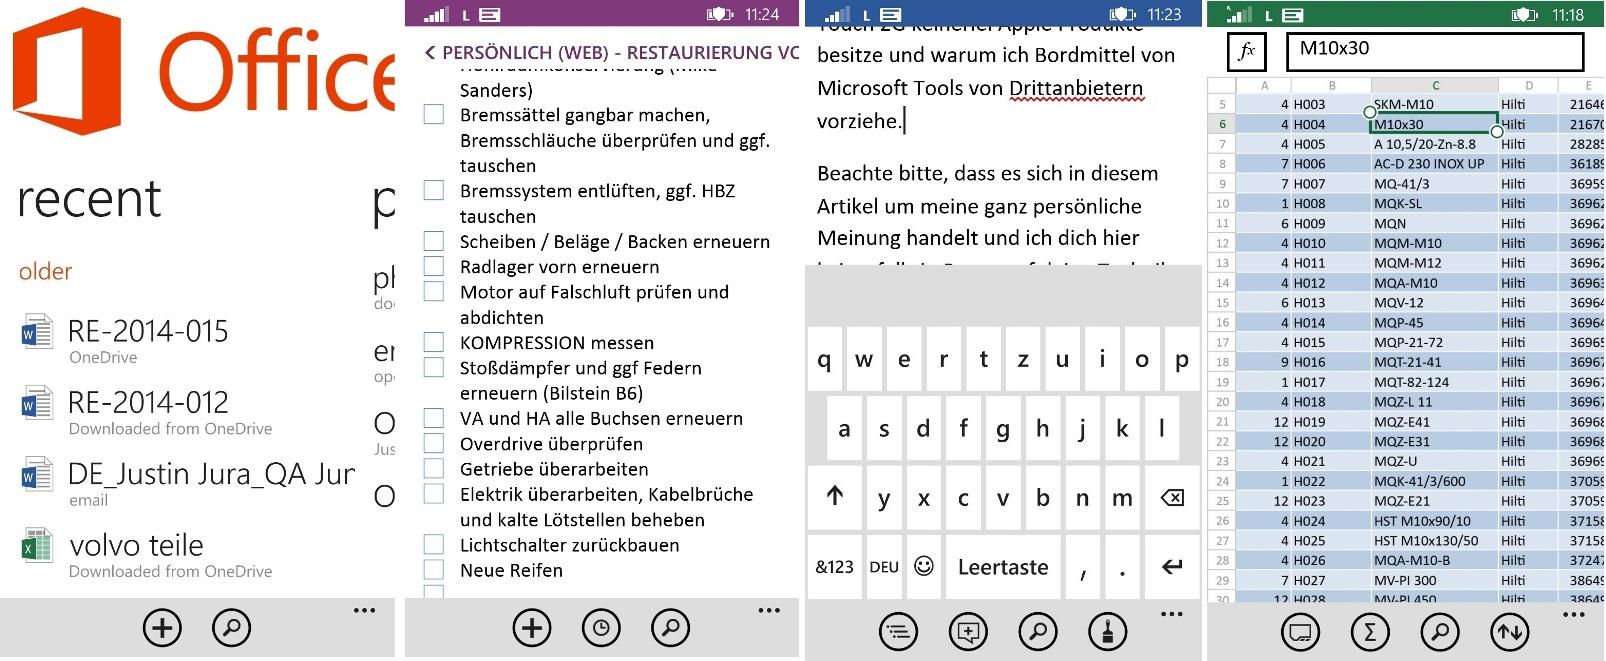 unterstützt whatsapp noch nokia lumia 610